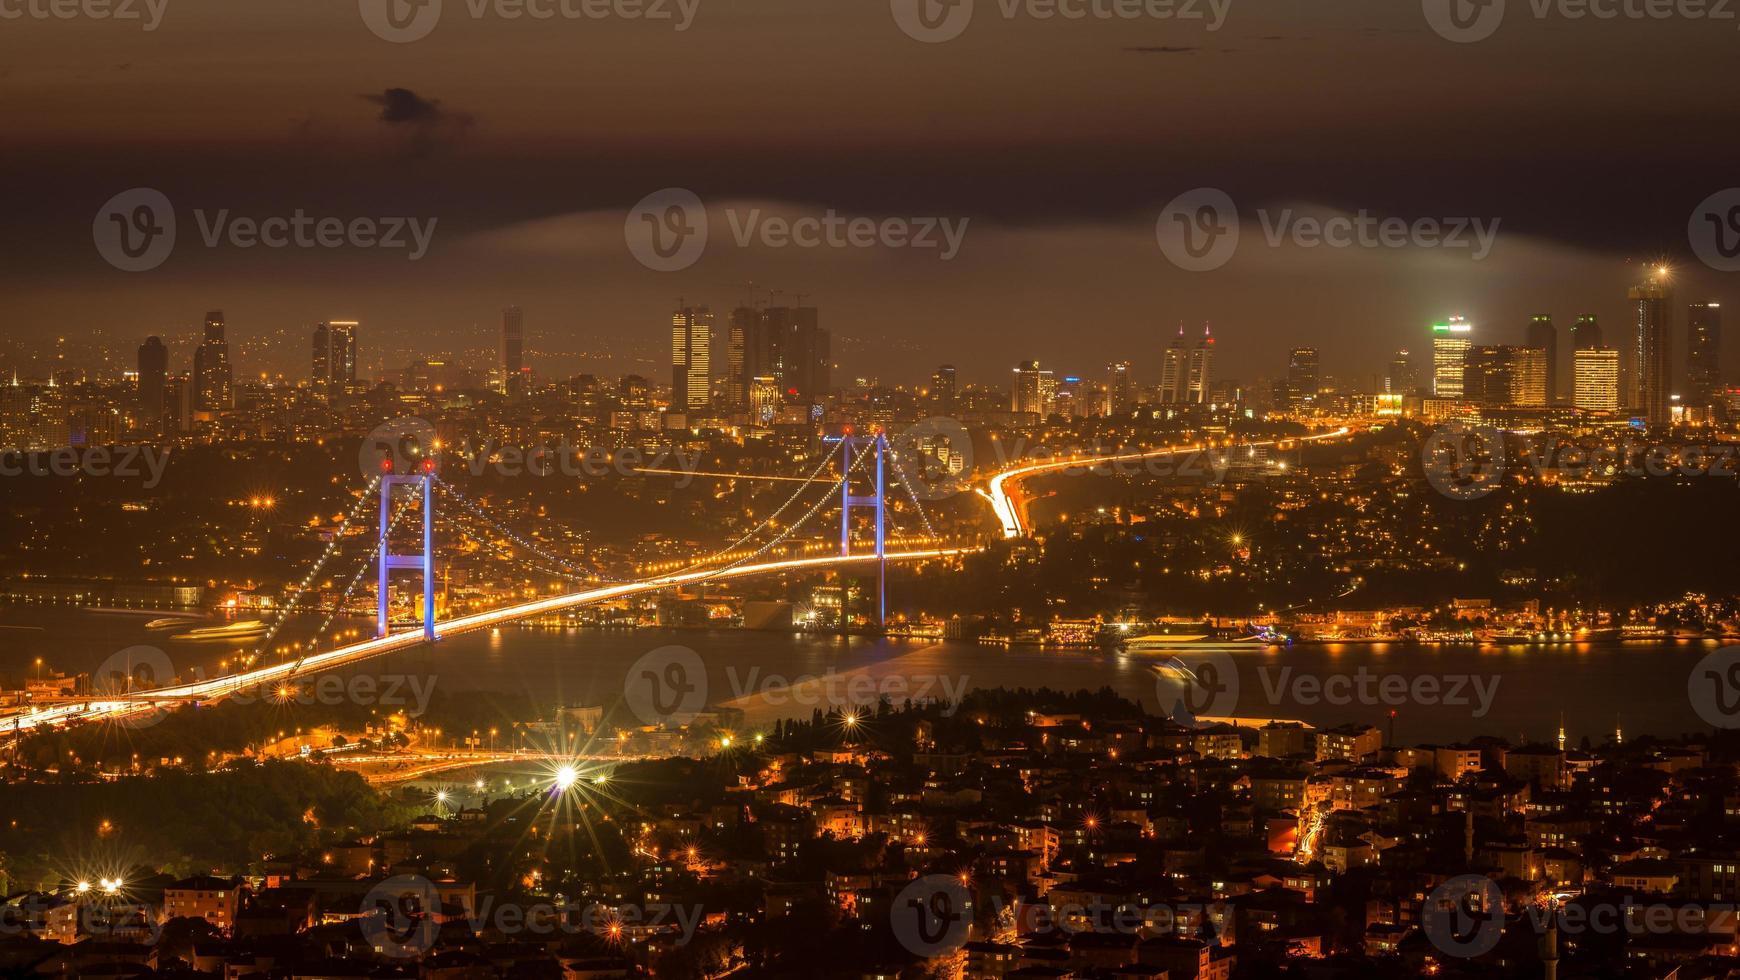 fotografia da noite de istambul foto